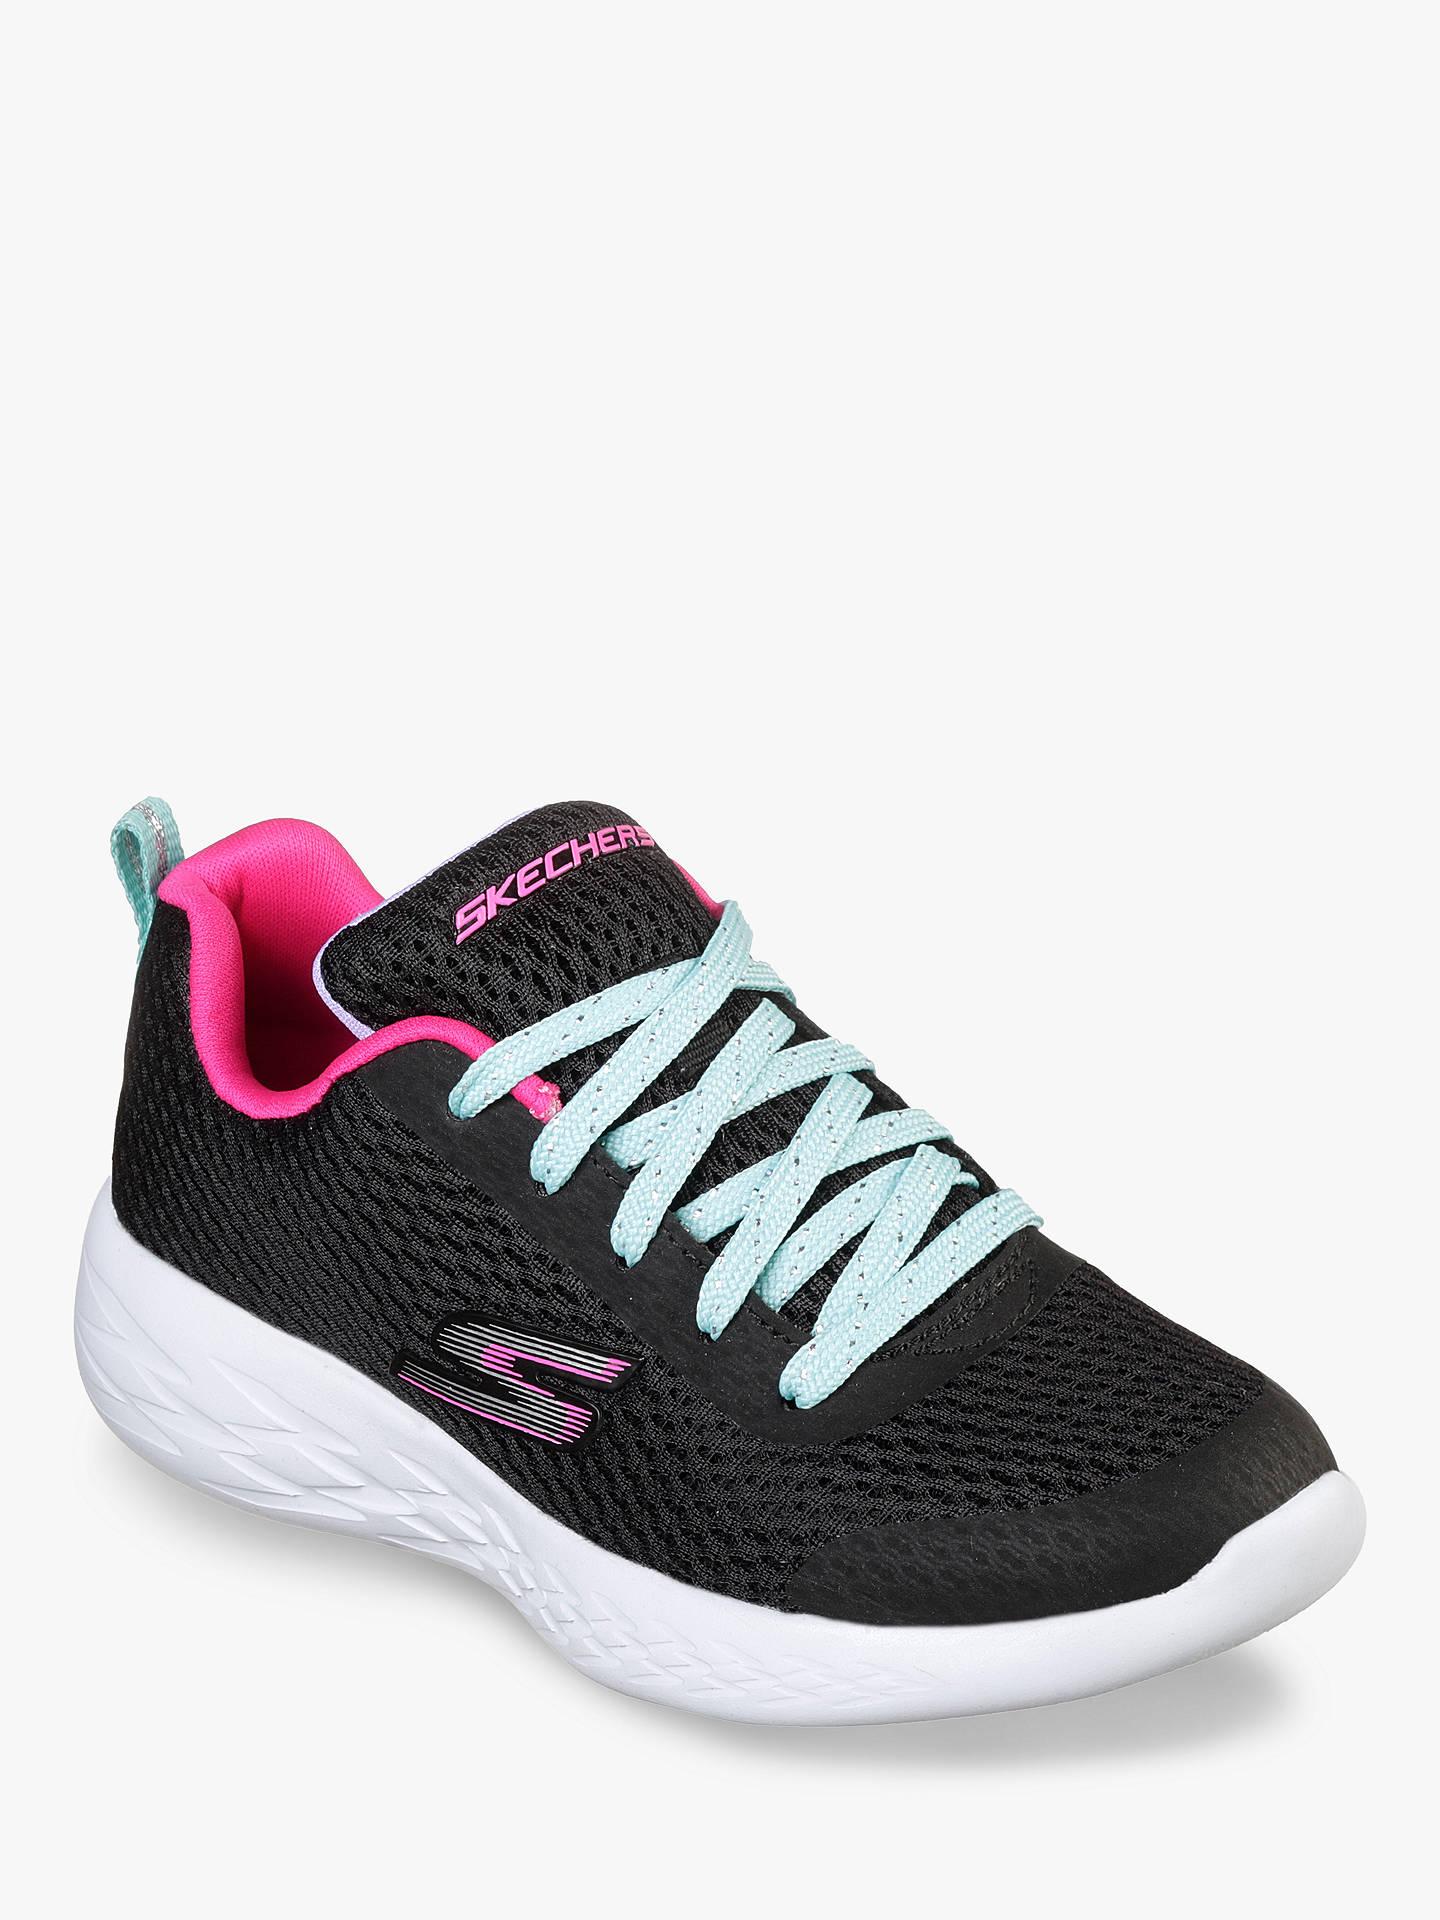 8301f6c24685 Buy Skechers Children s Go Run 600 Fun Run Trainers